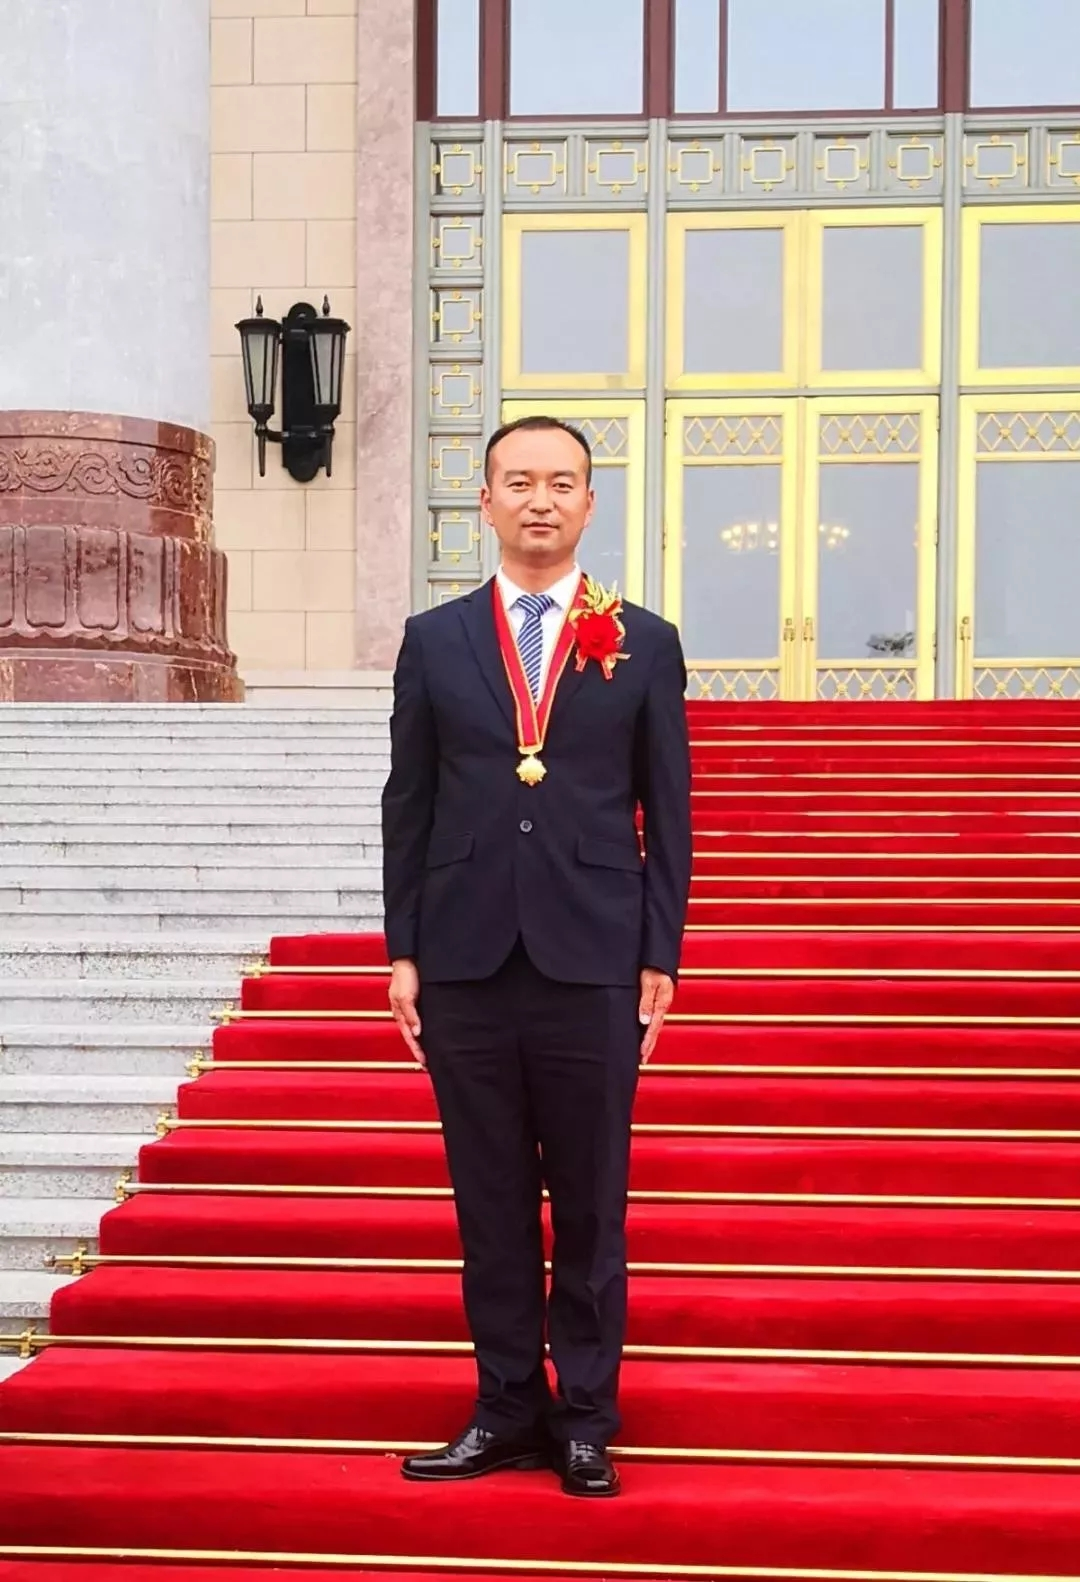 范小敏已任江西省萍鄉市湘東區副區長,系破格提拔